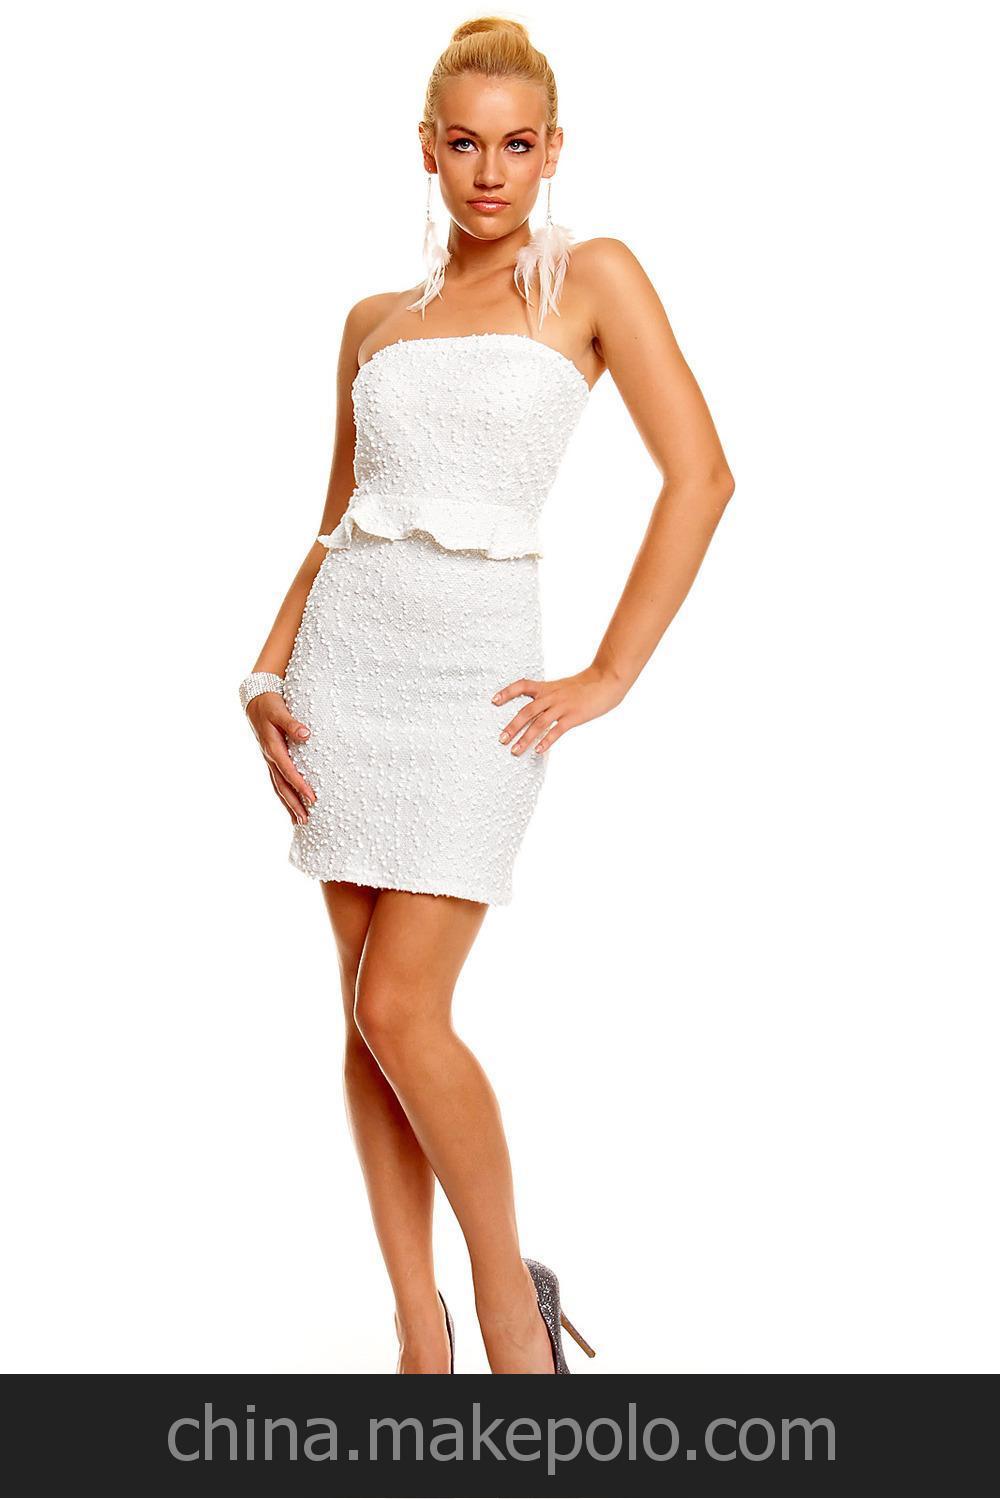 衣然饰你 雪花图案包臀OL性感抹胸洋装连衣裙2609-1